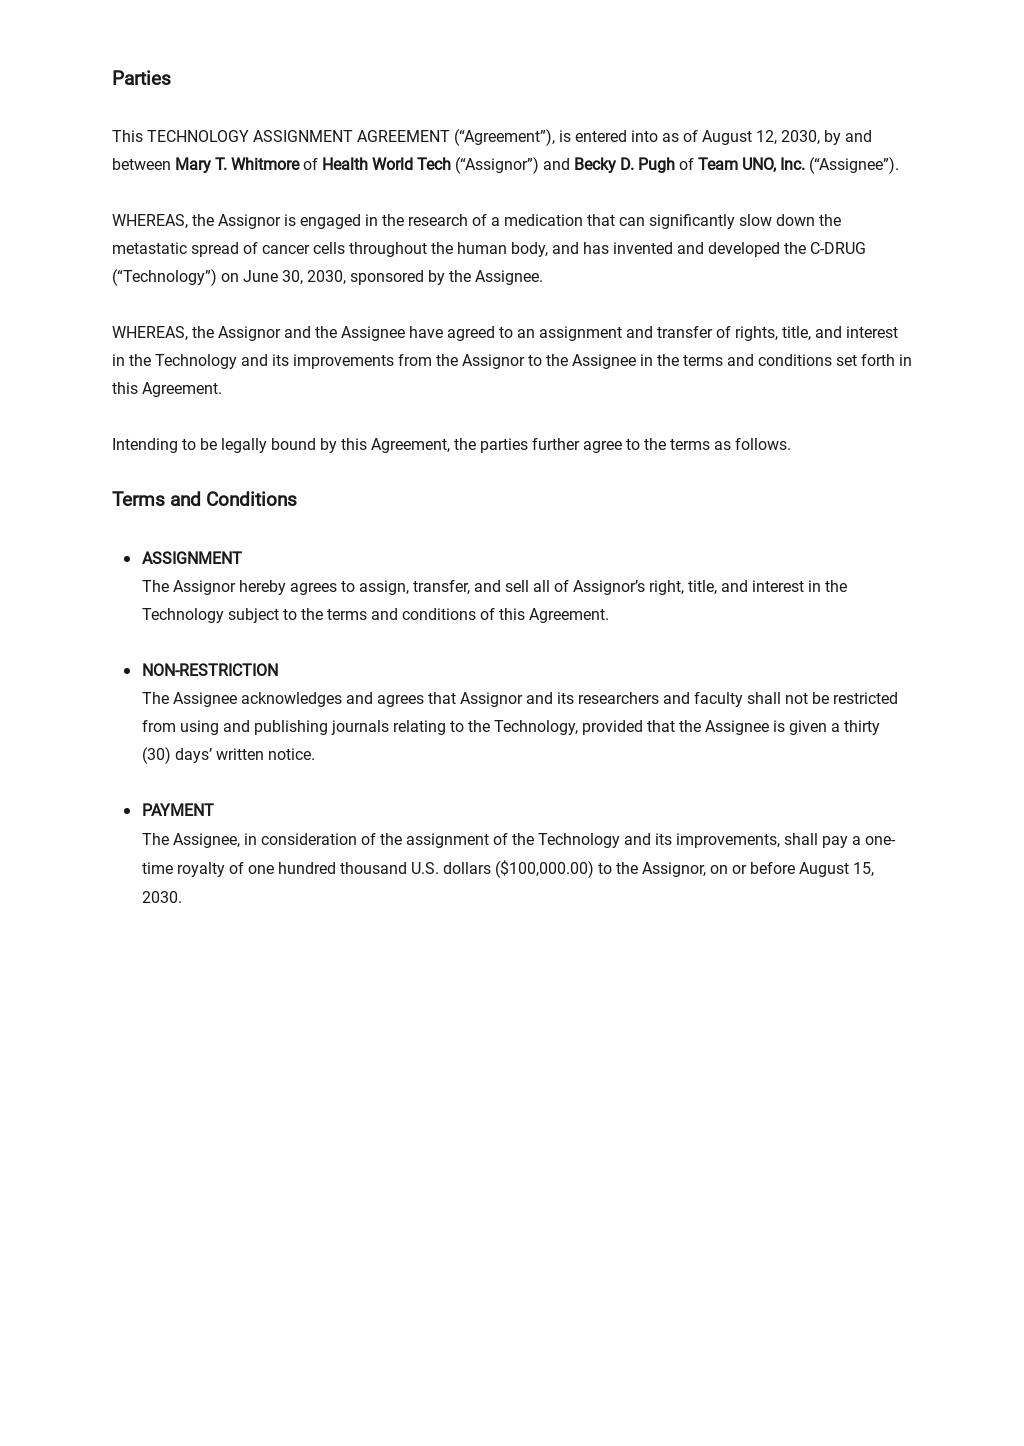 Technology Assignment Agreement Template 1.jpe